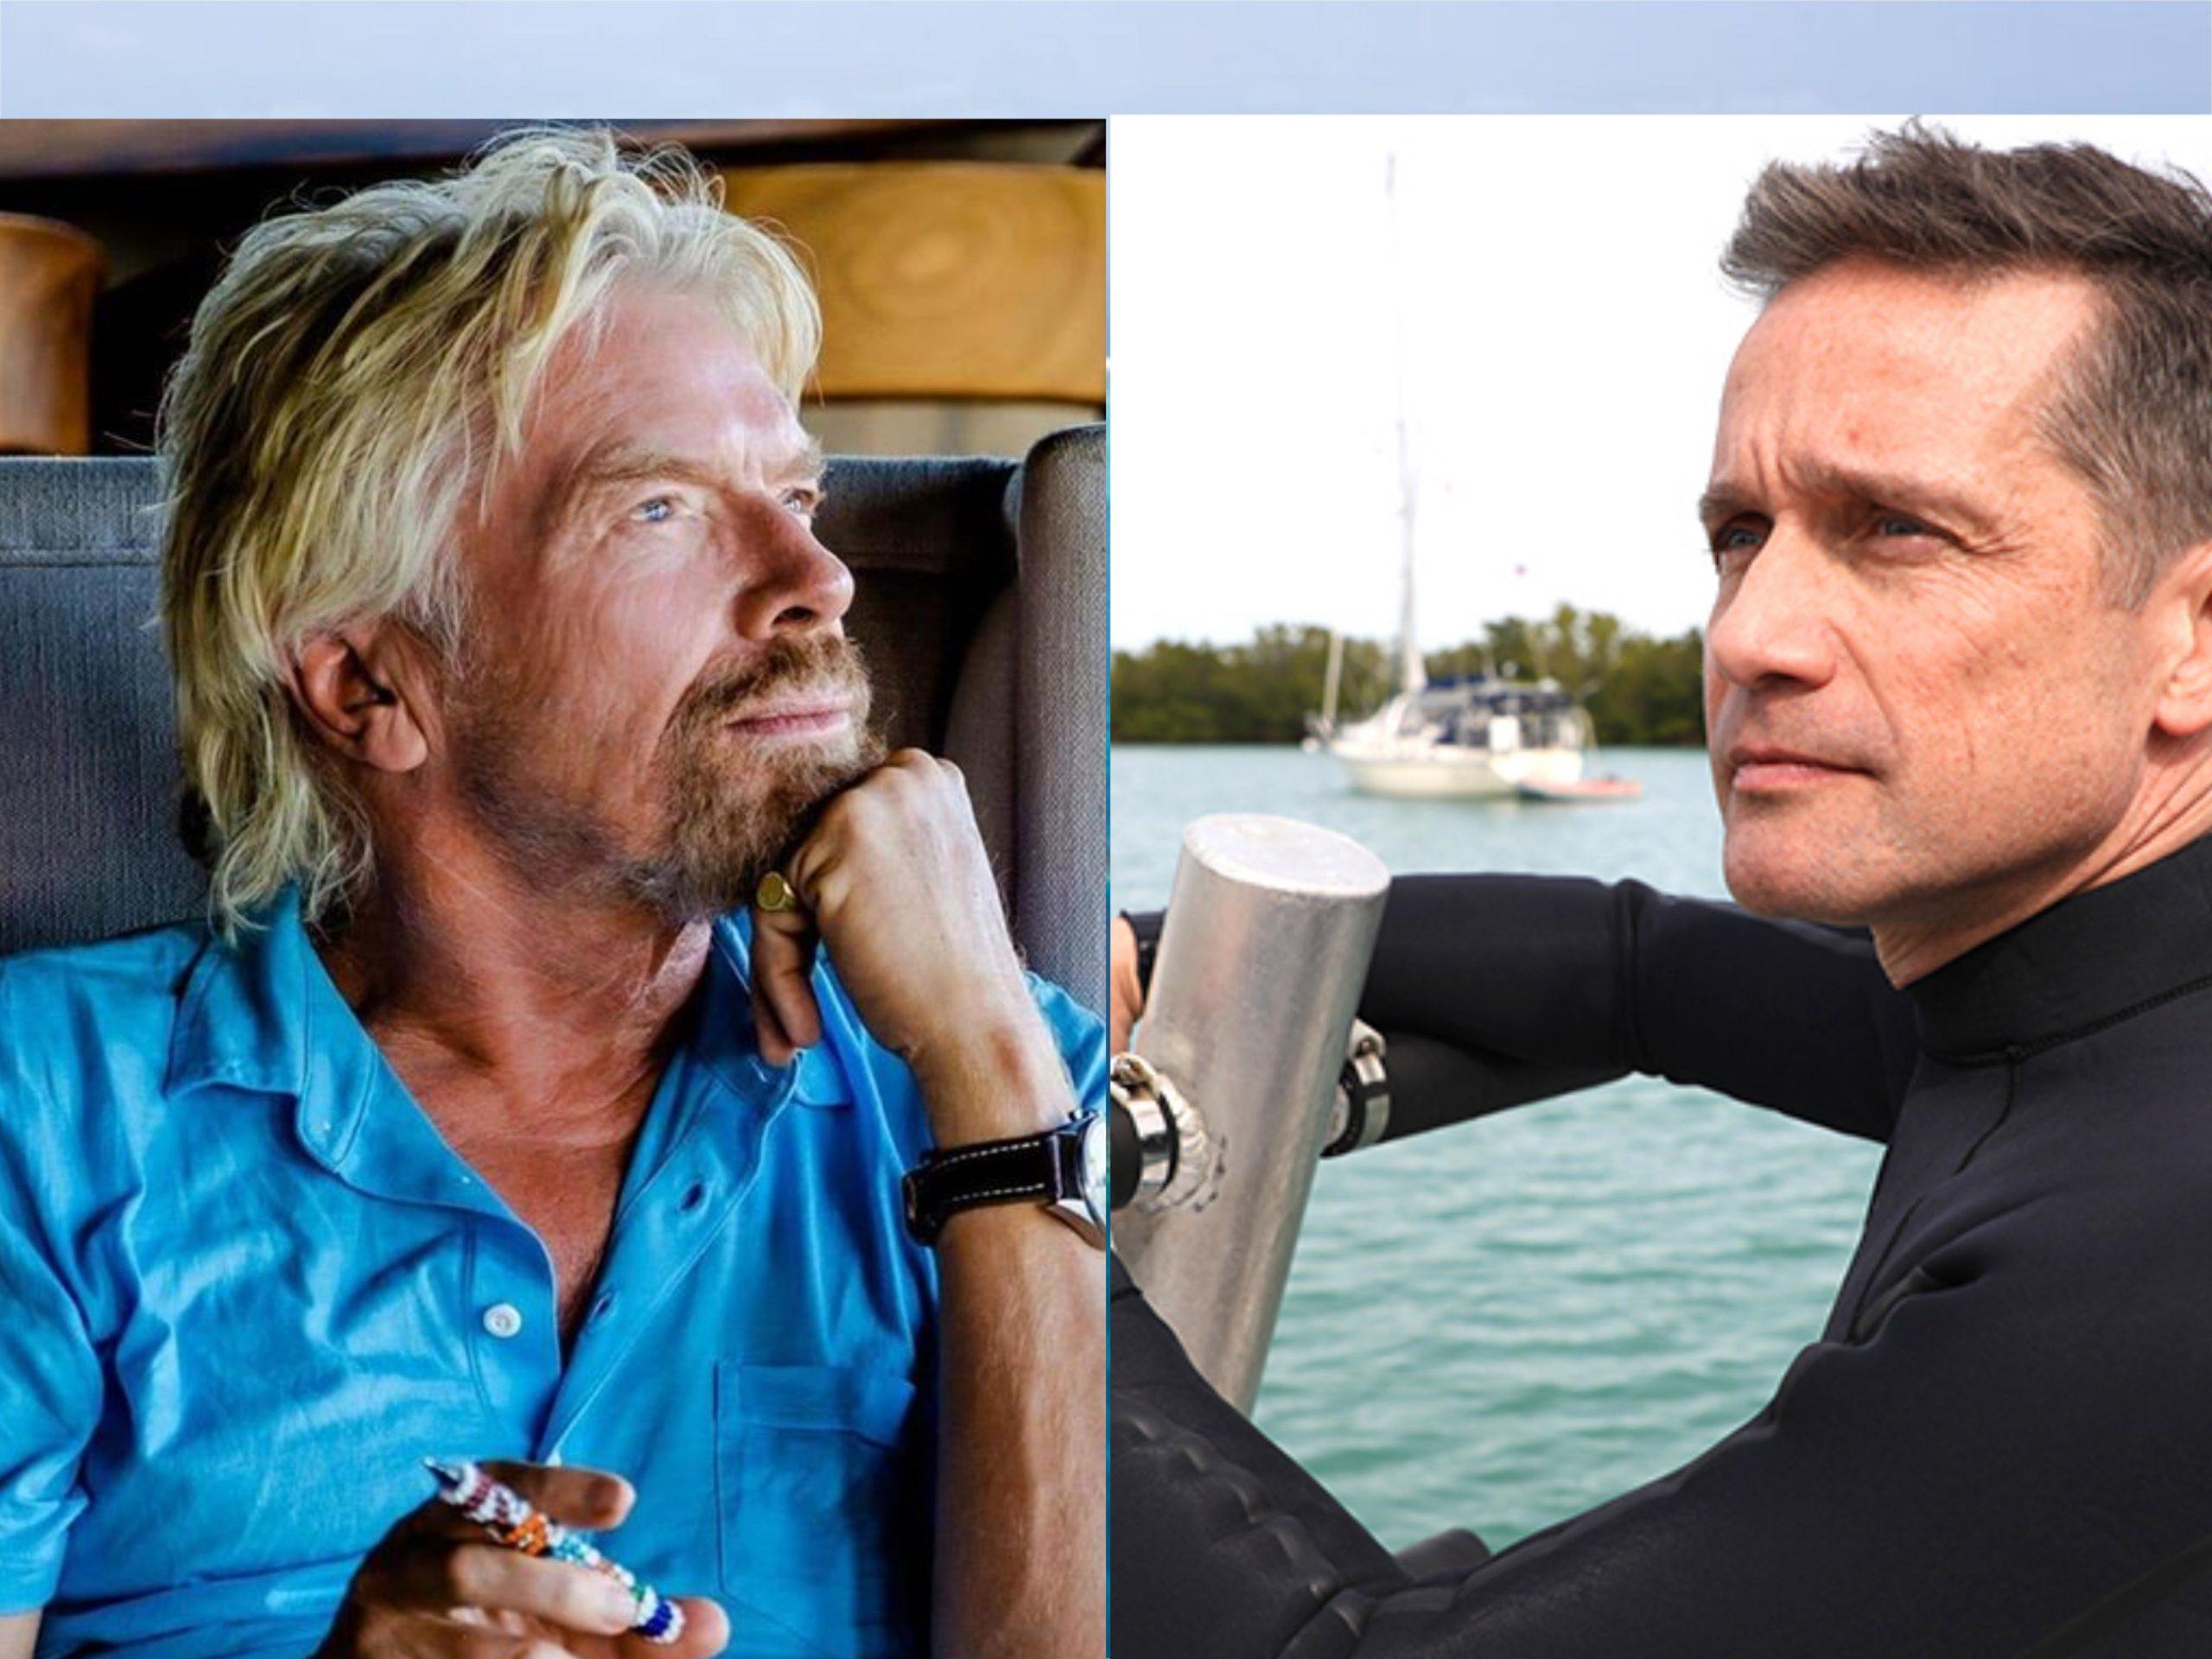 Richard Branson & Fabien Cousteau